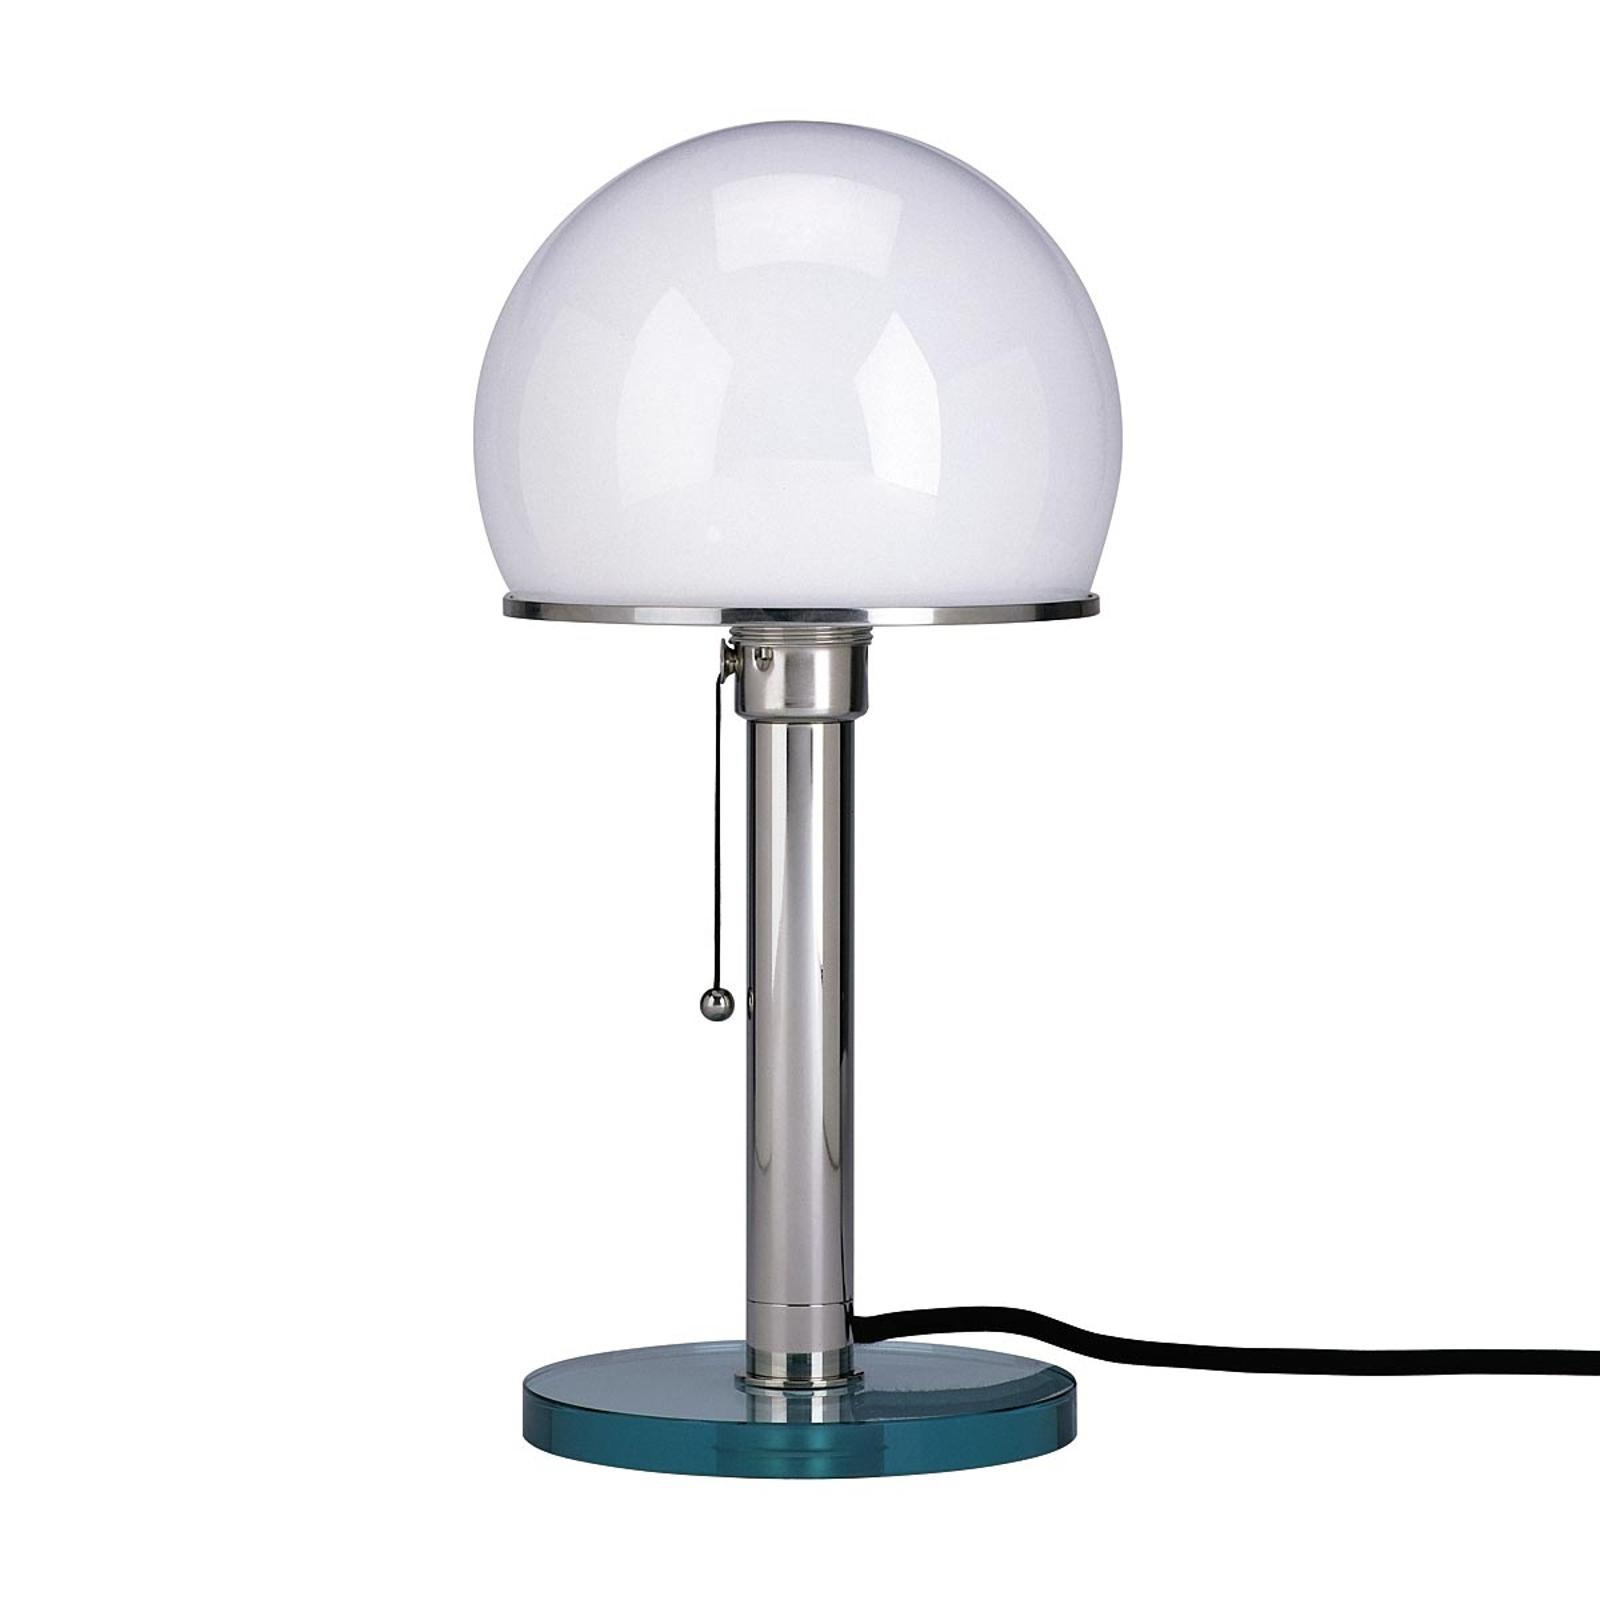 TECNOLUMEN Wagenfeld WG25 lampa stołowa szklana